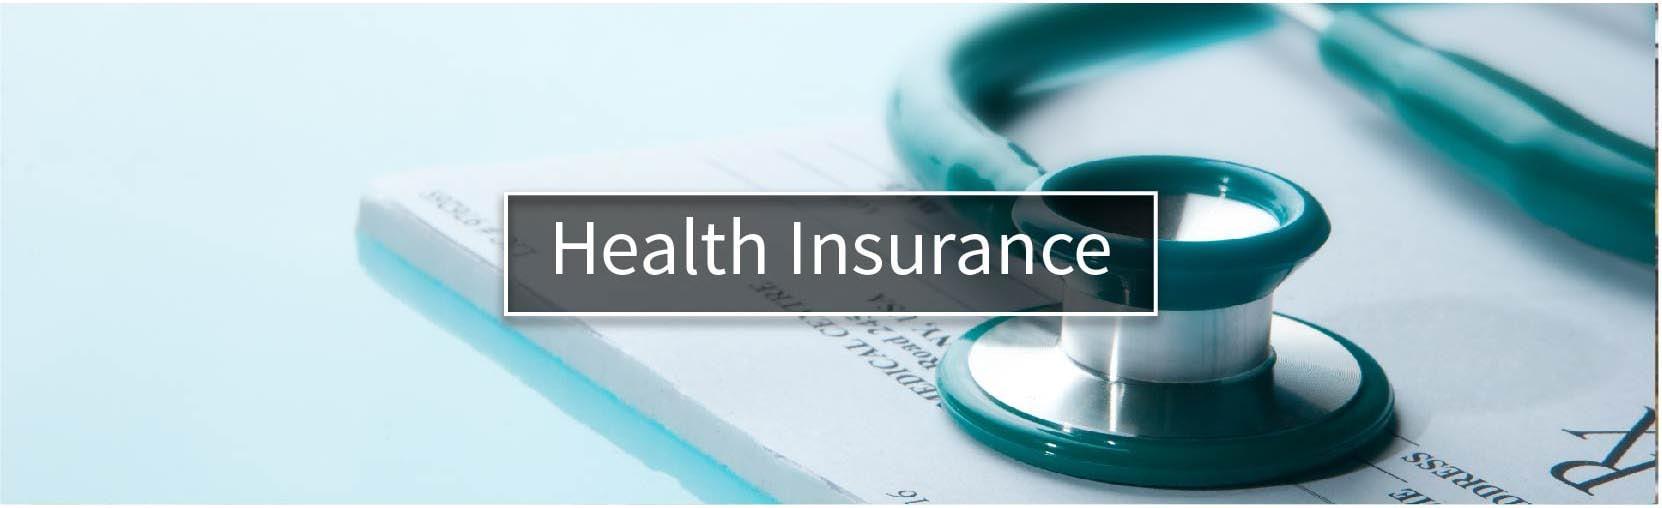 Health Insurance in Massachusetts | Haberman Insurance Group